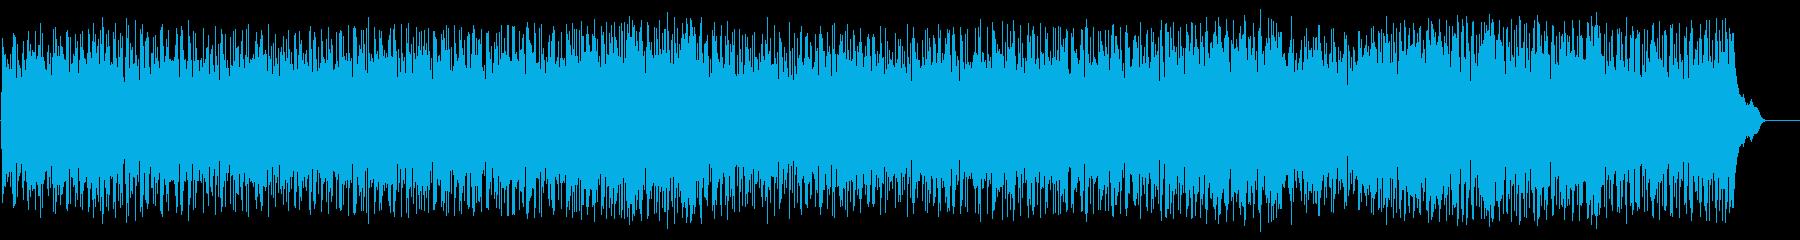 ポップ アコースティック(フルサイズ)の再生済みの波形